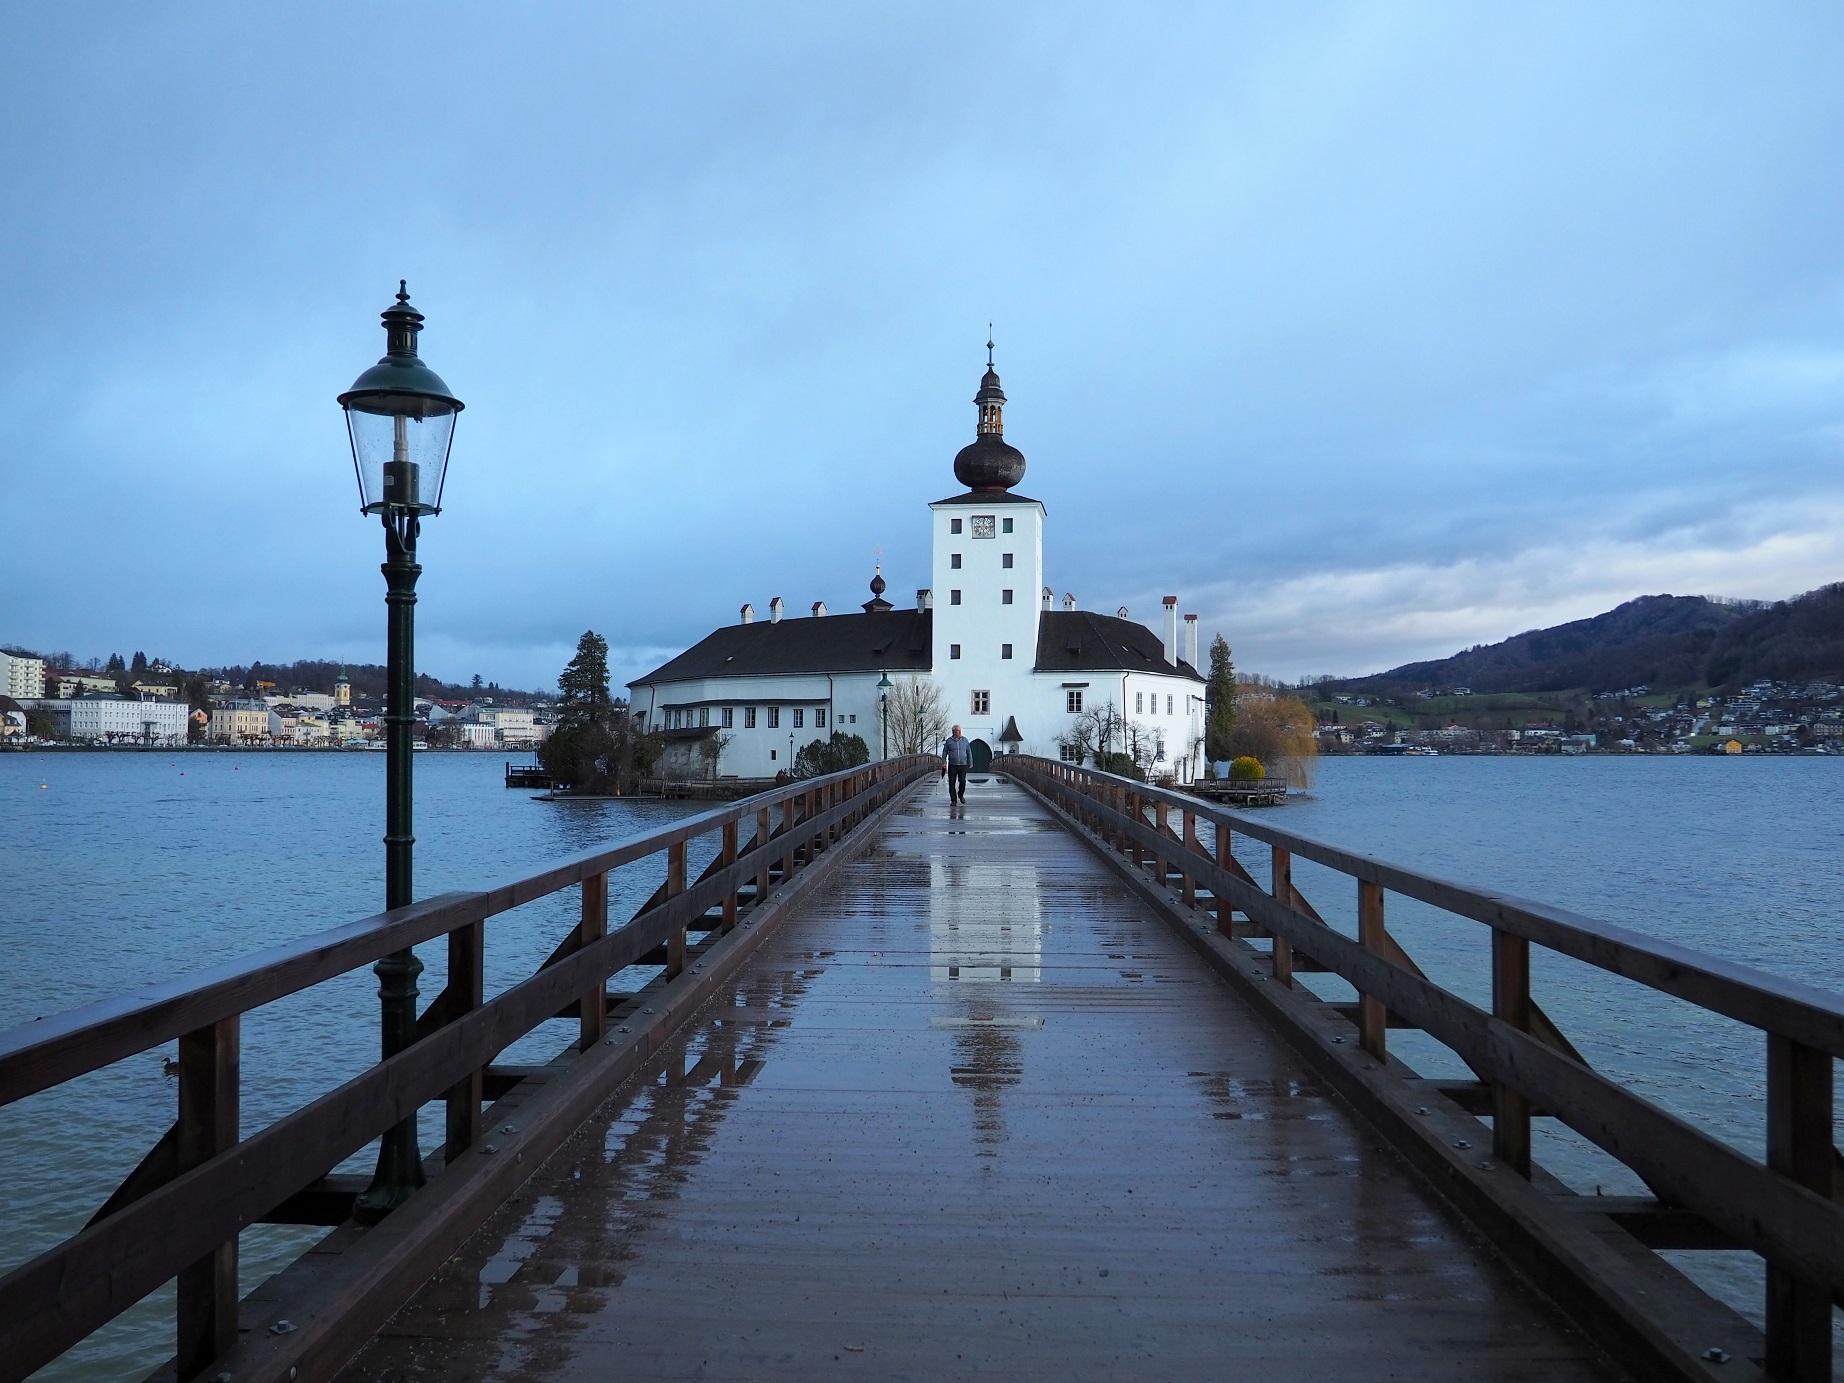 Seeschloss Ort Gmunden in Austria